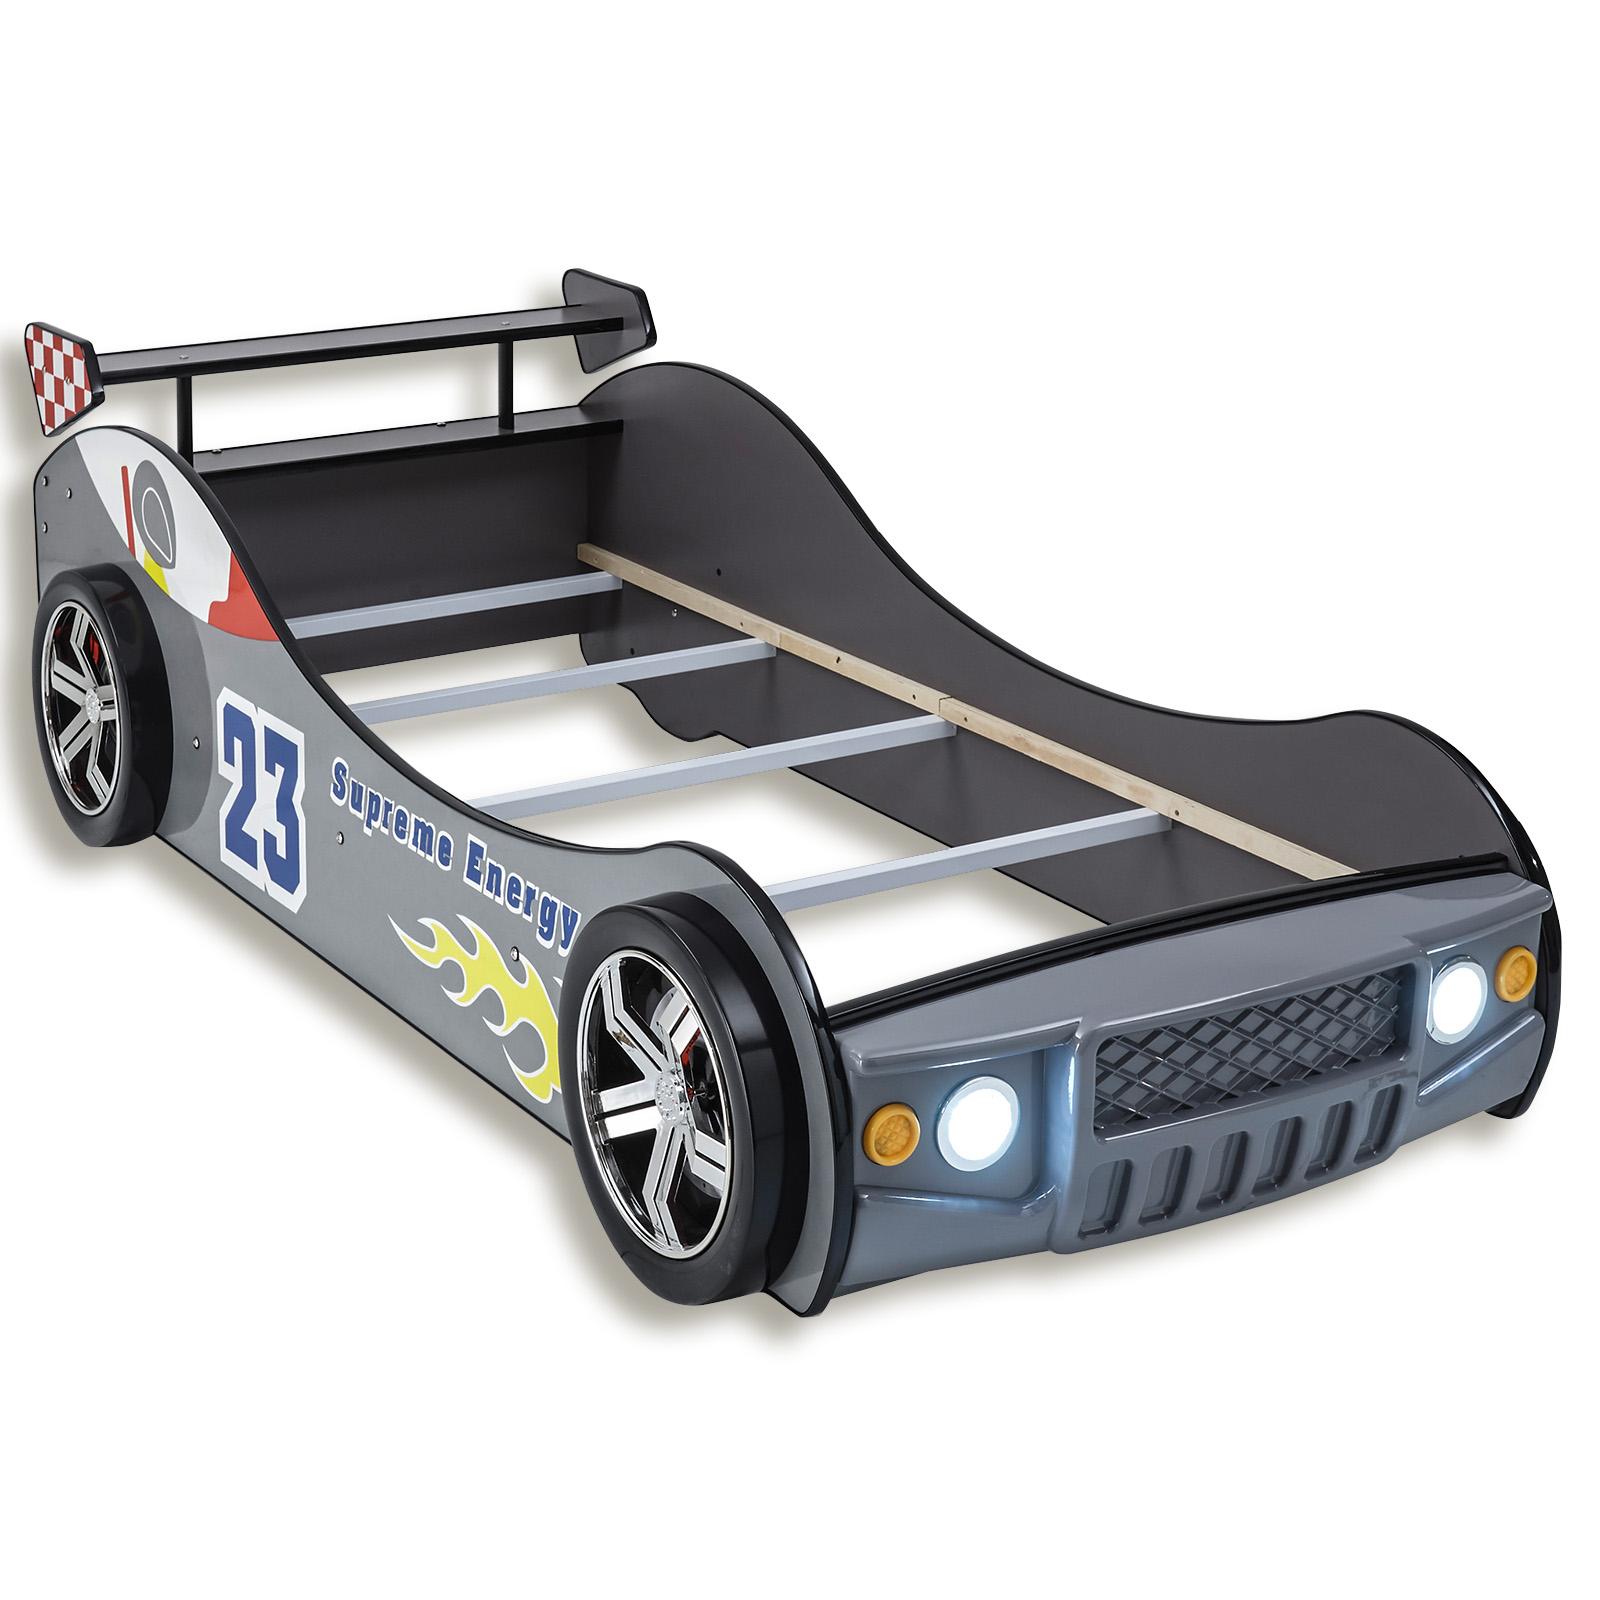 Autobett Silber Mit Beleuchtung 90x200 Cm